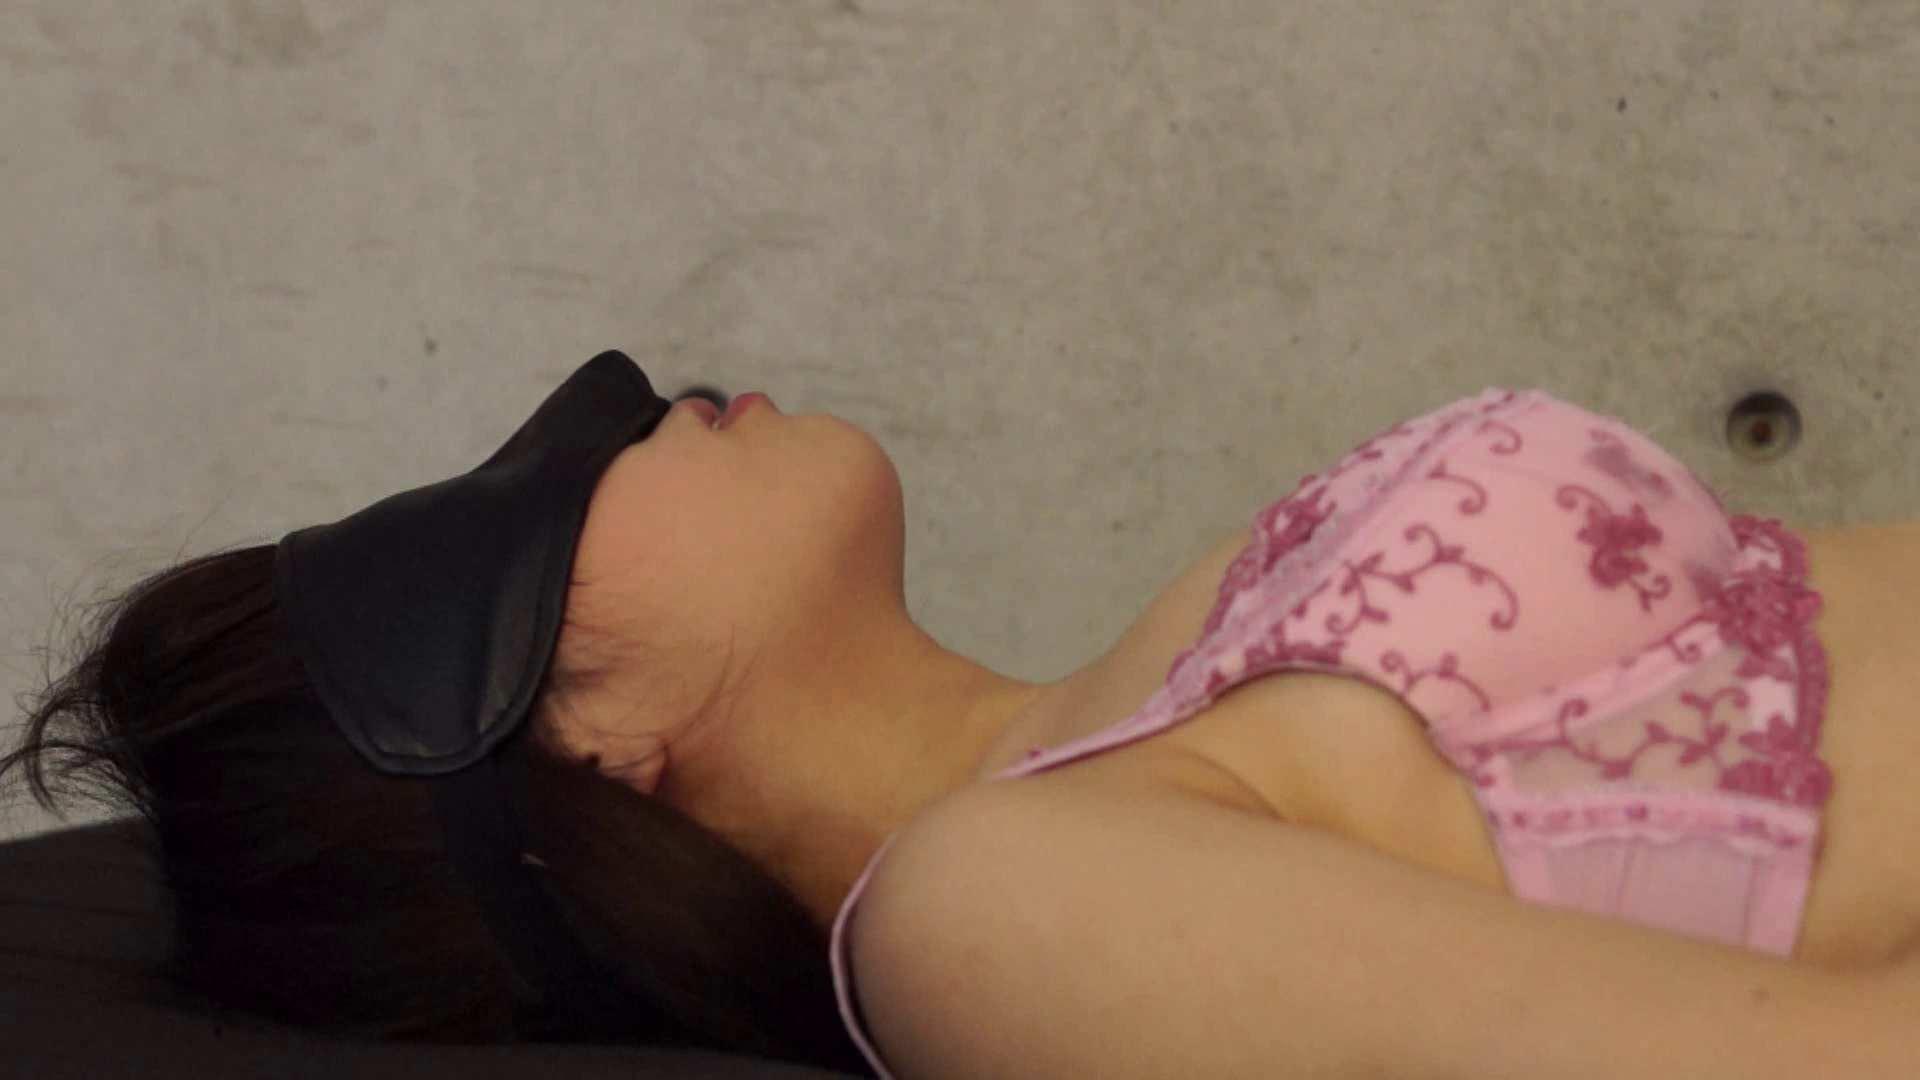 vol.7 夏実ちゃんの汗まみれの腋をベロベロ舐めるTKSさん OL  105pic 4